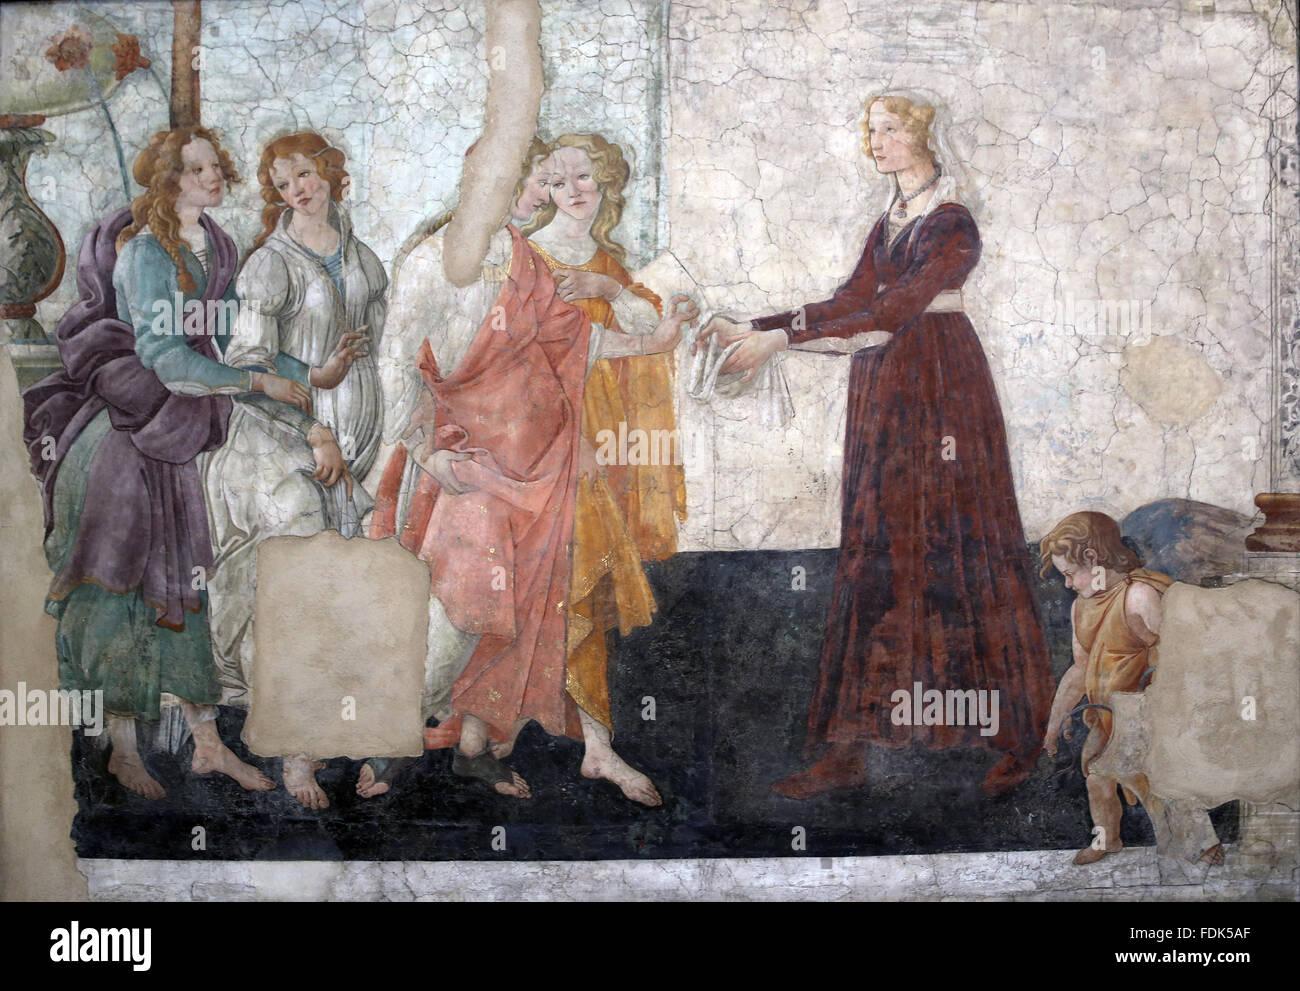 Venere e le Tre Grazie offrono doni ad una giovane donna. Affresco.1483-85. Da Sandro Botticelli (1445-1510). Primo Immagini Stock